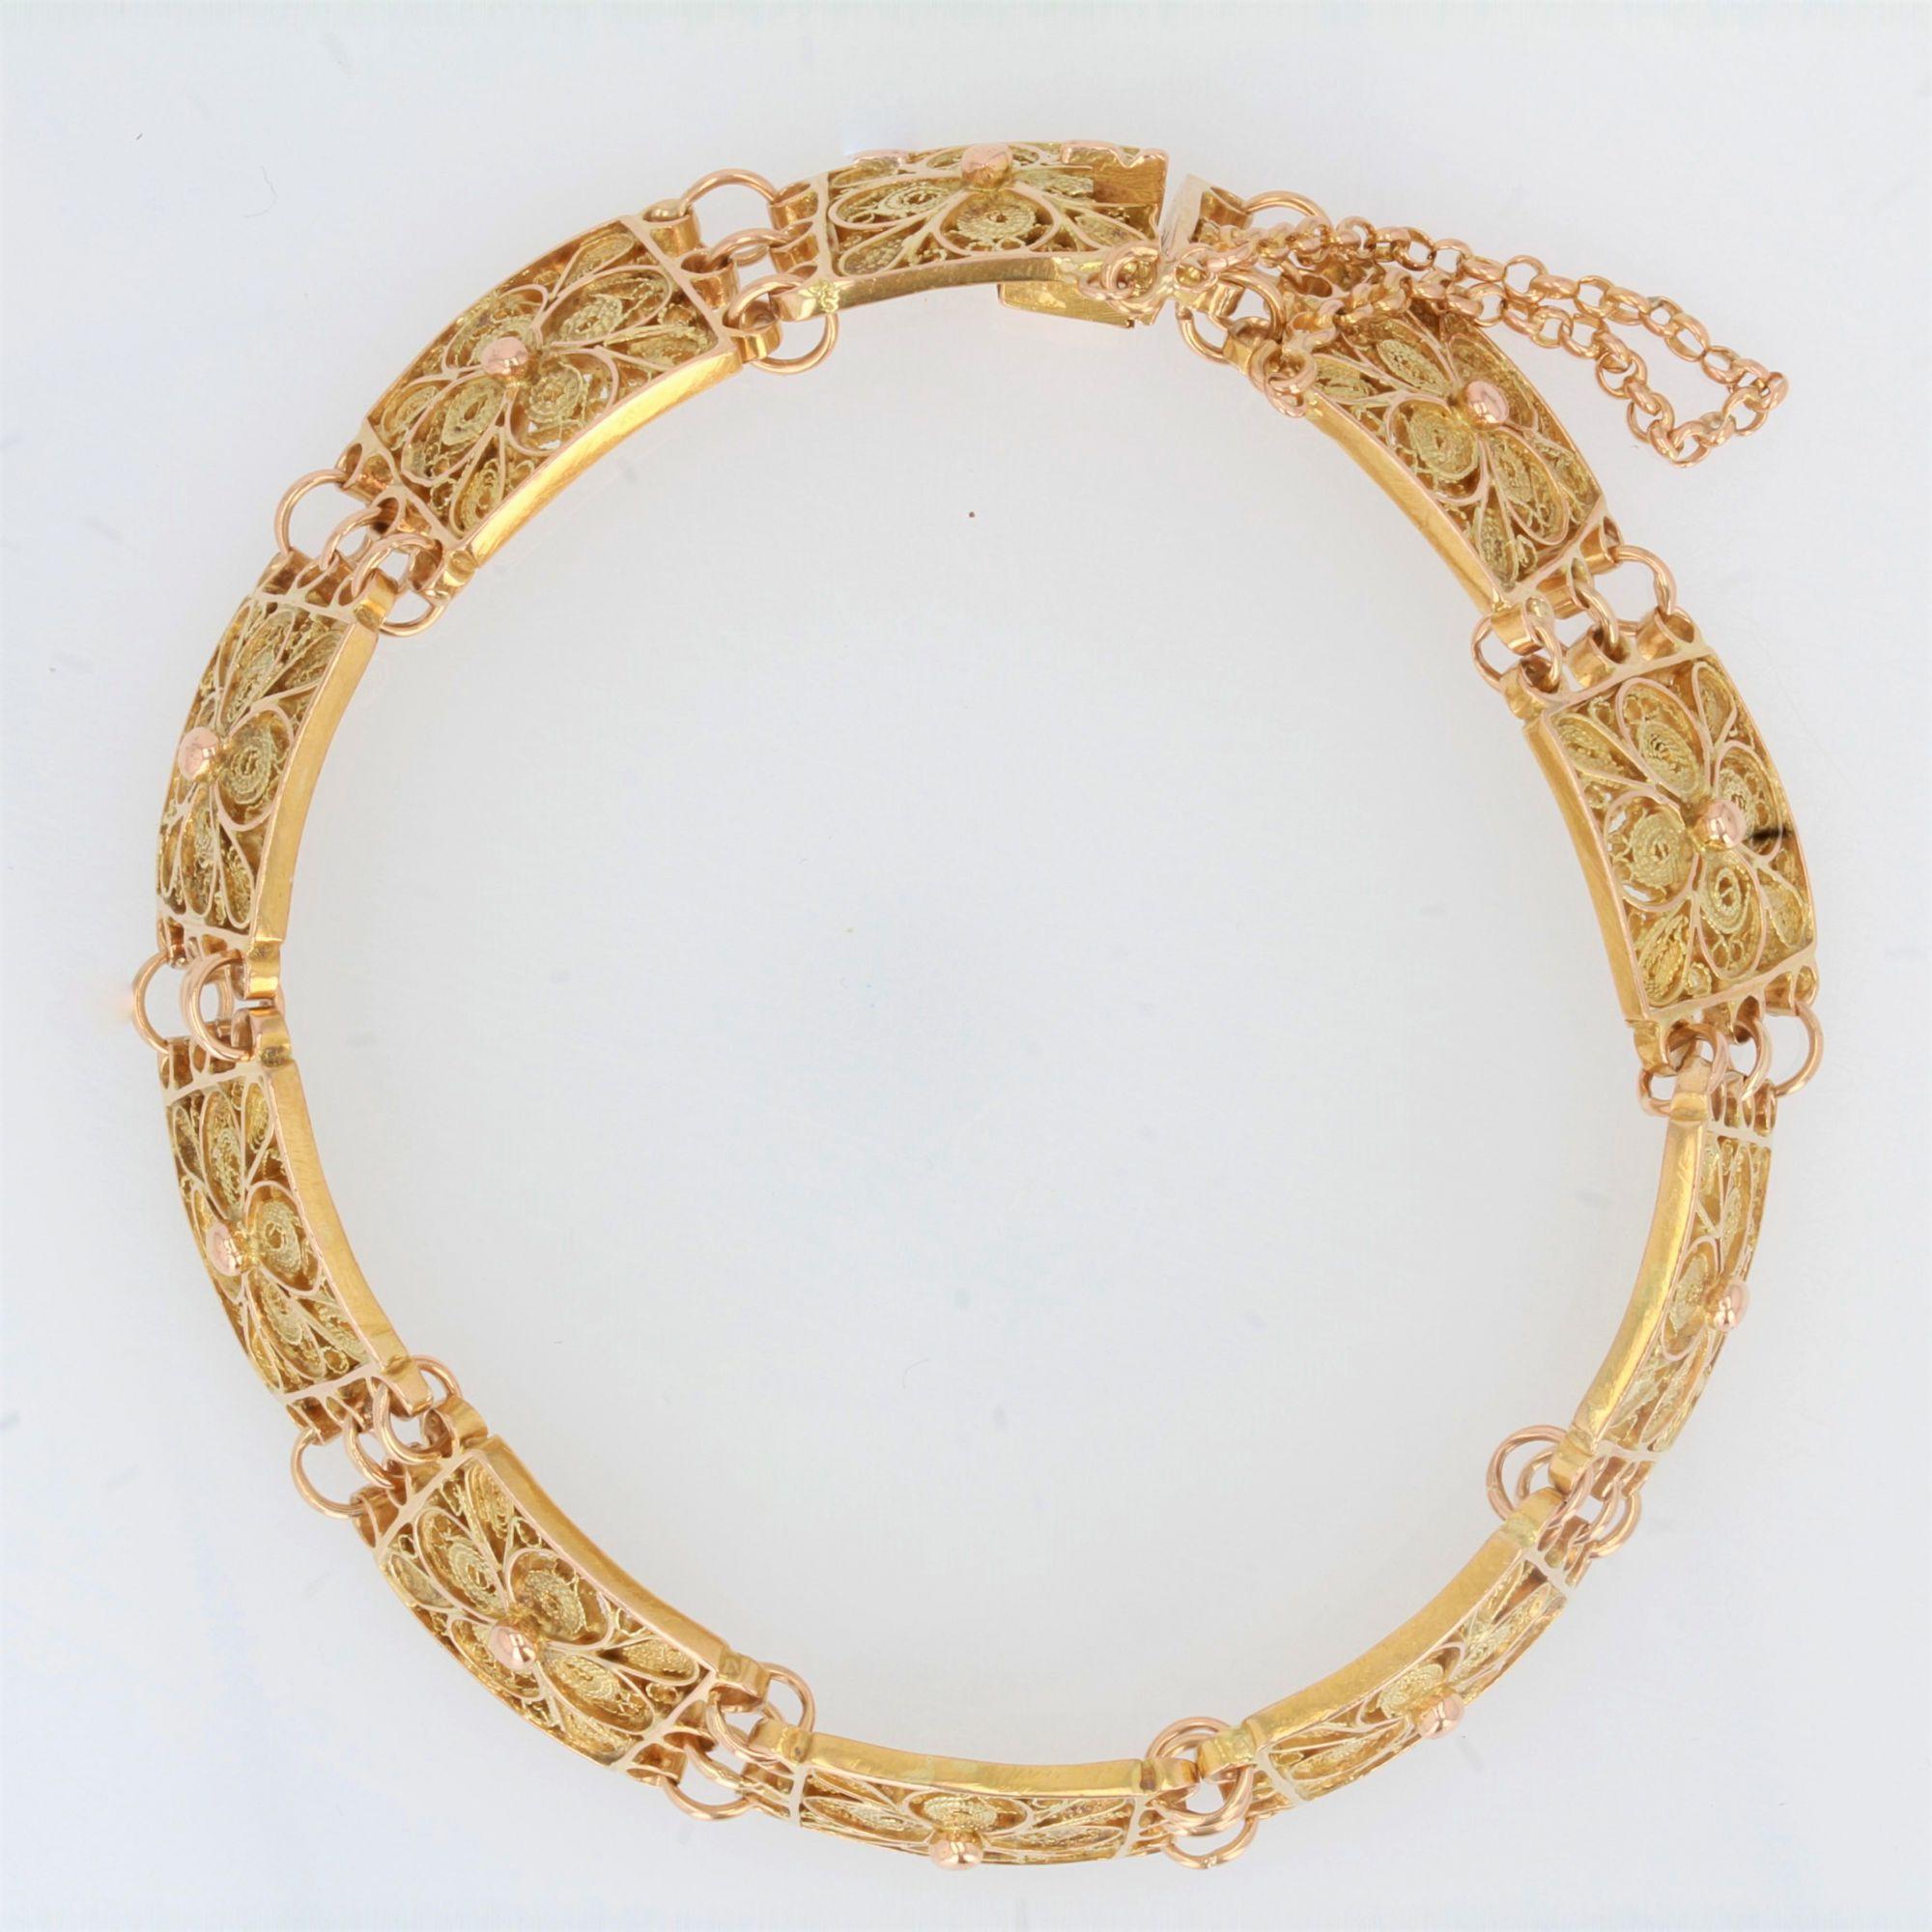 Bracelet en or à maillons carrés filigranés